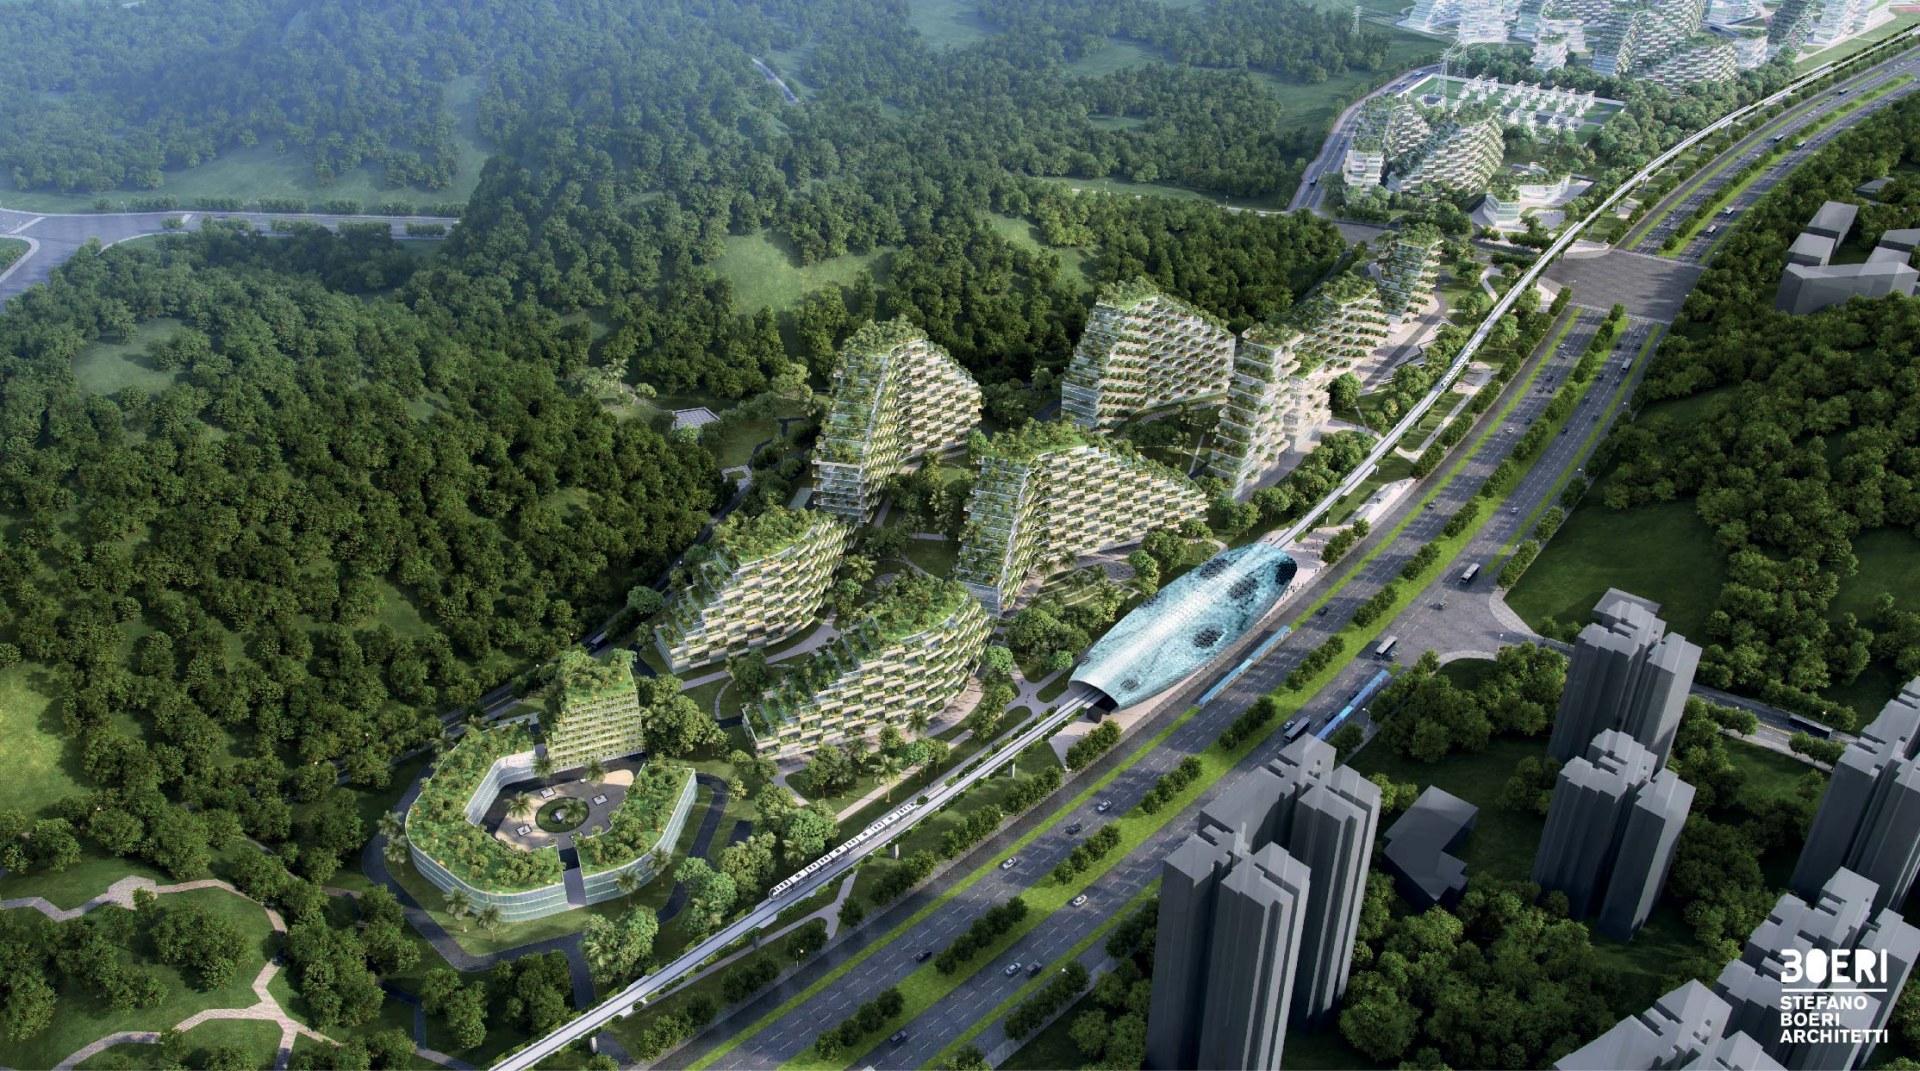 L'enorme complesso residenziale sorgerà a nord di Liuzhou /  Stefano Boeri Architetti